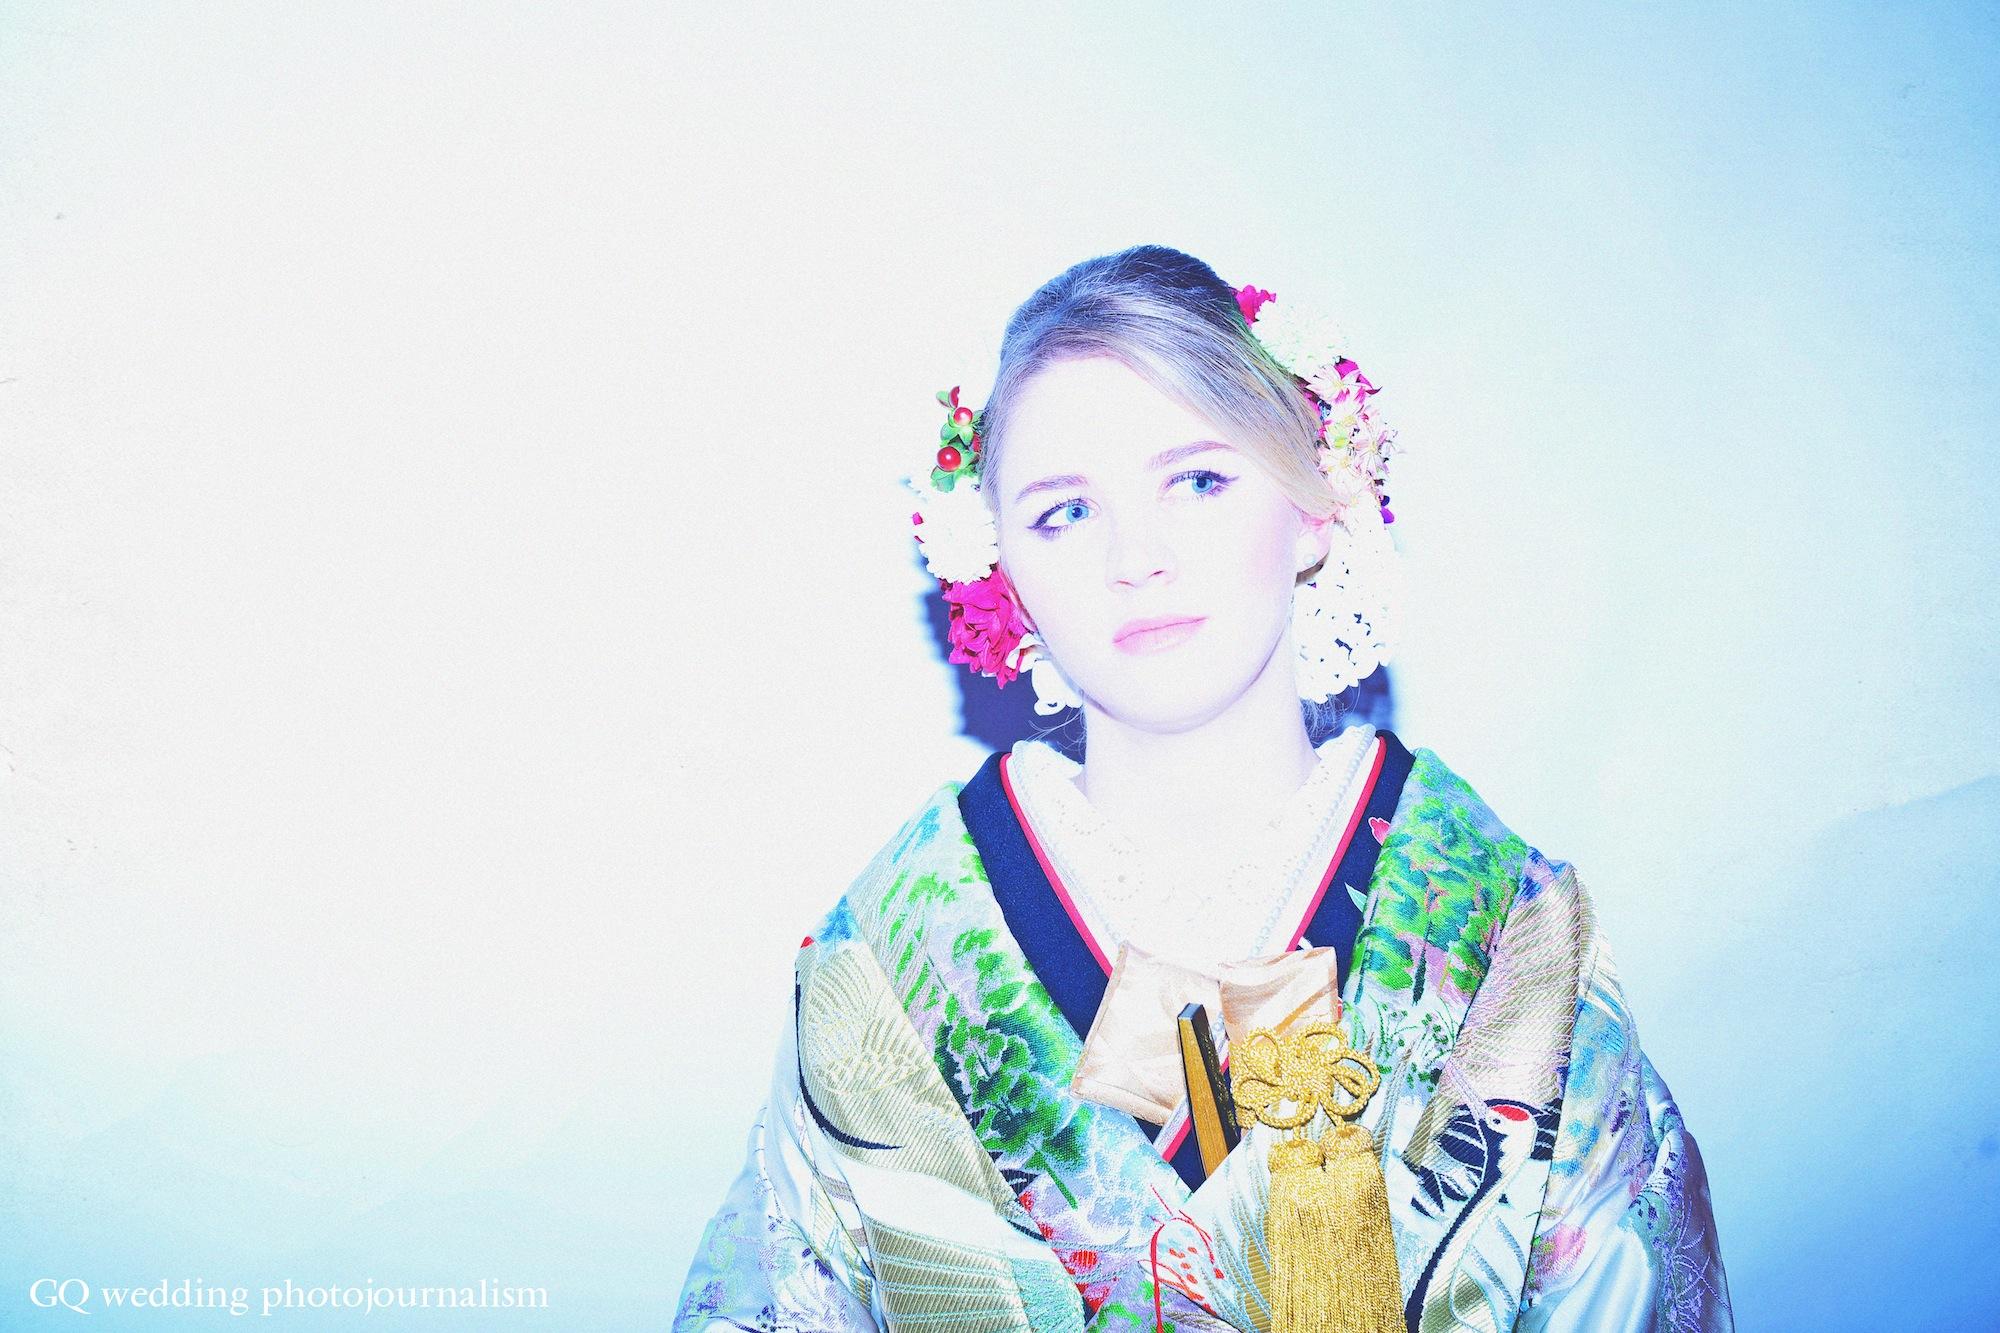 Kimono photo0011